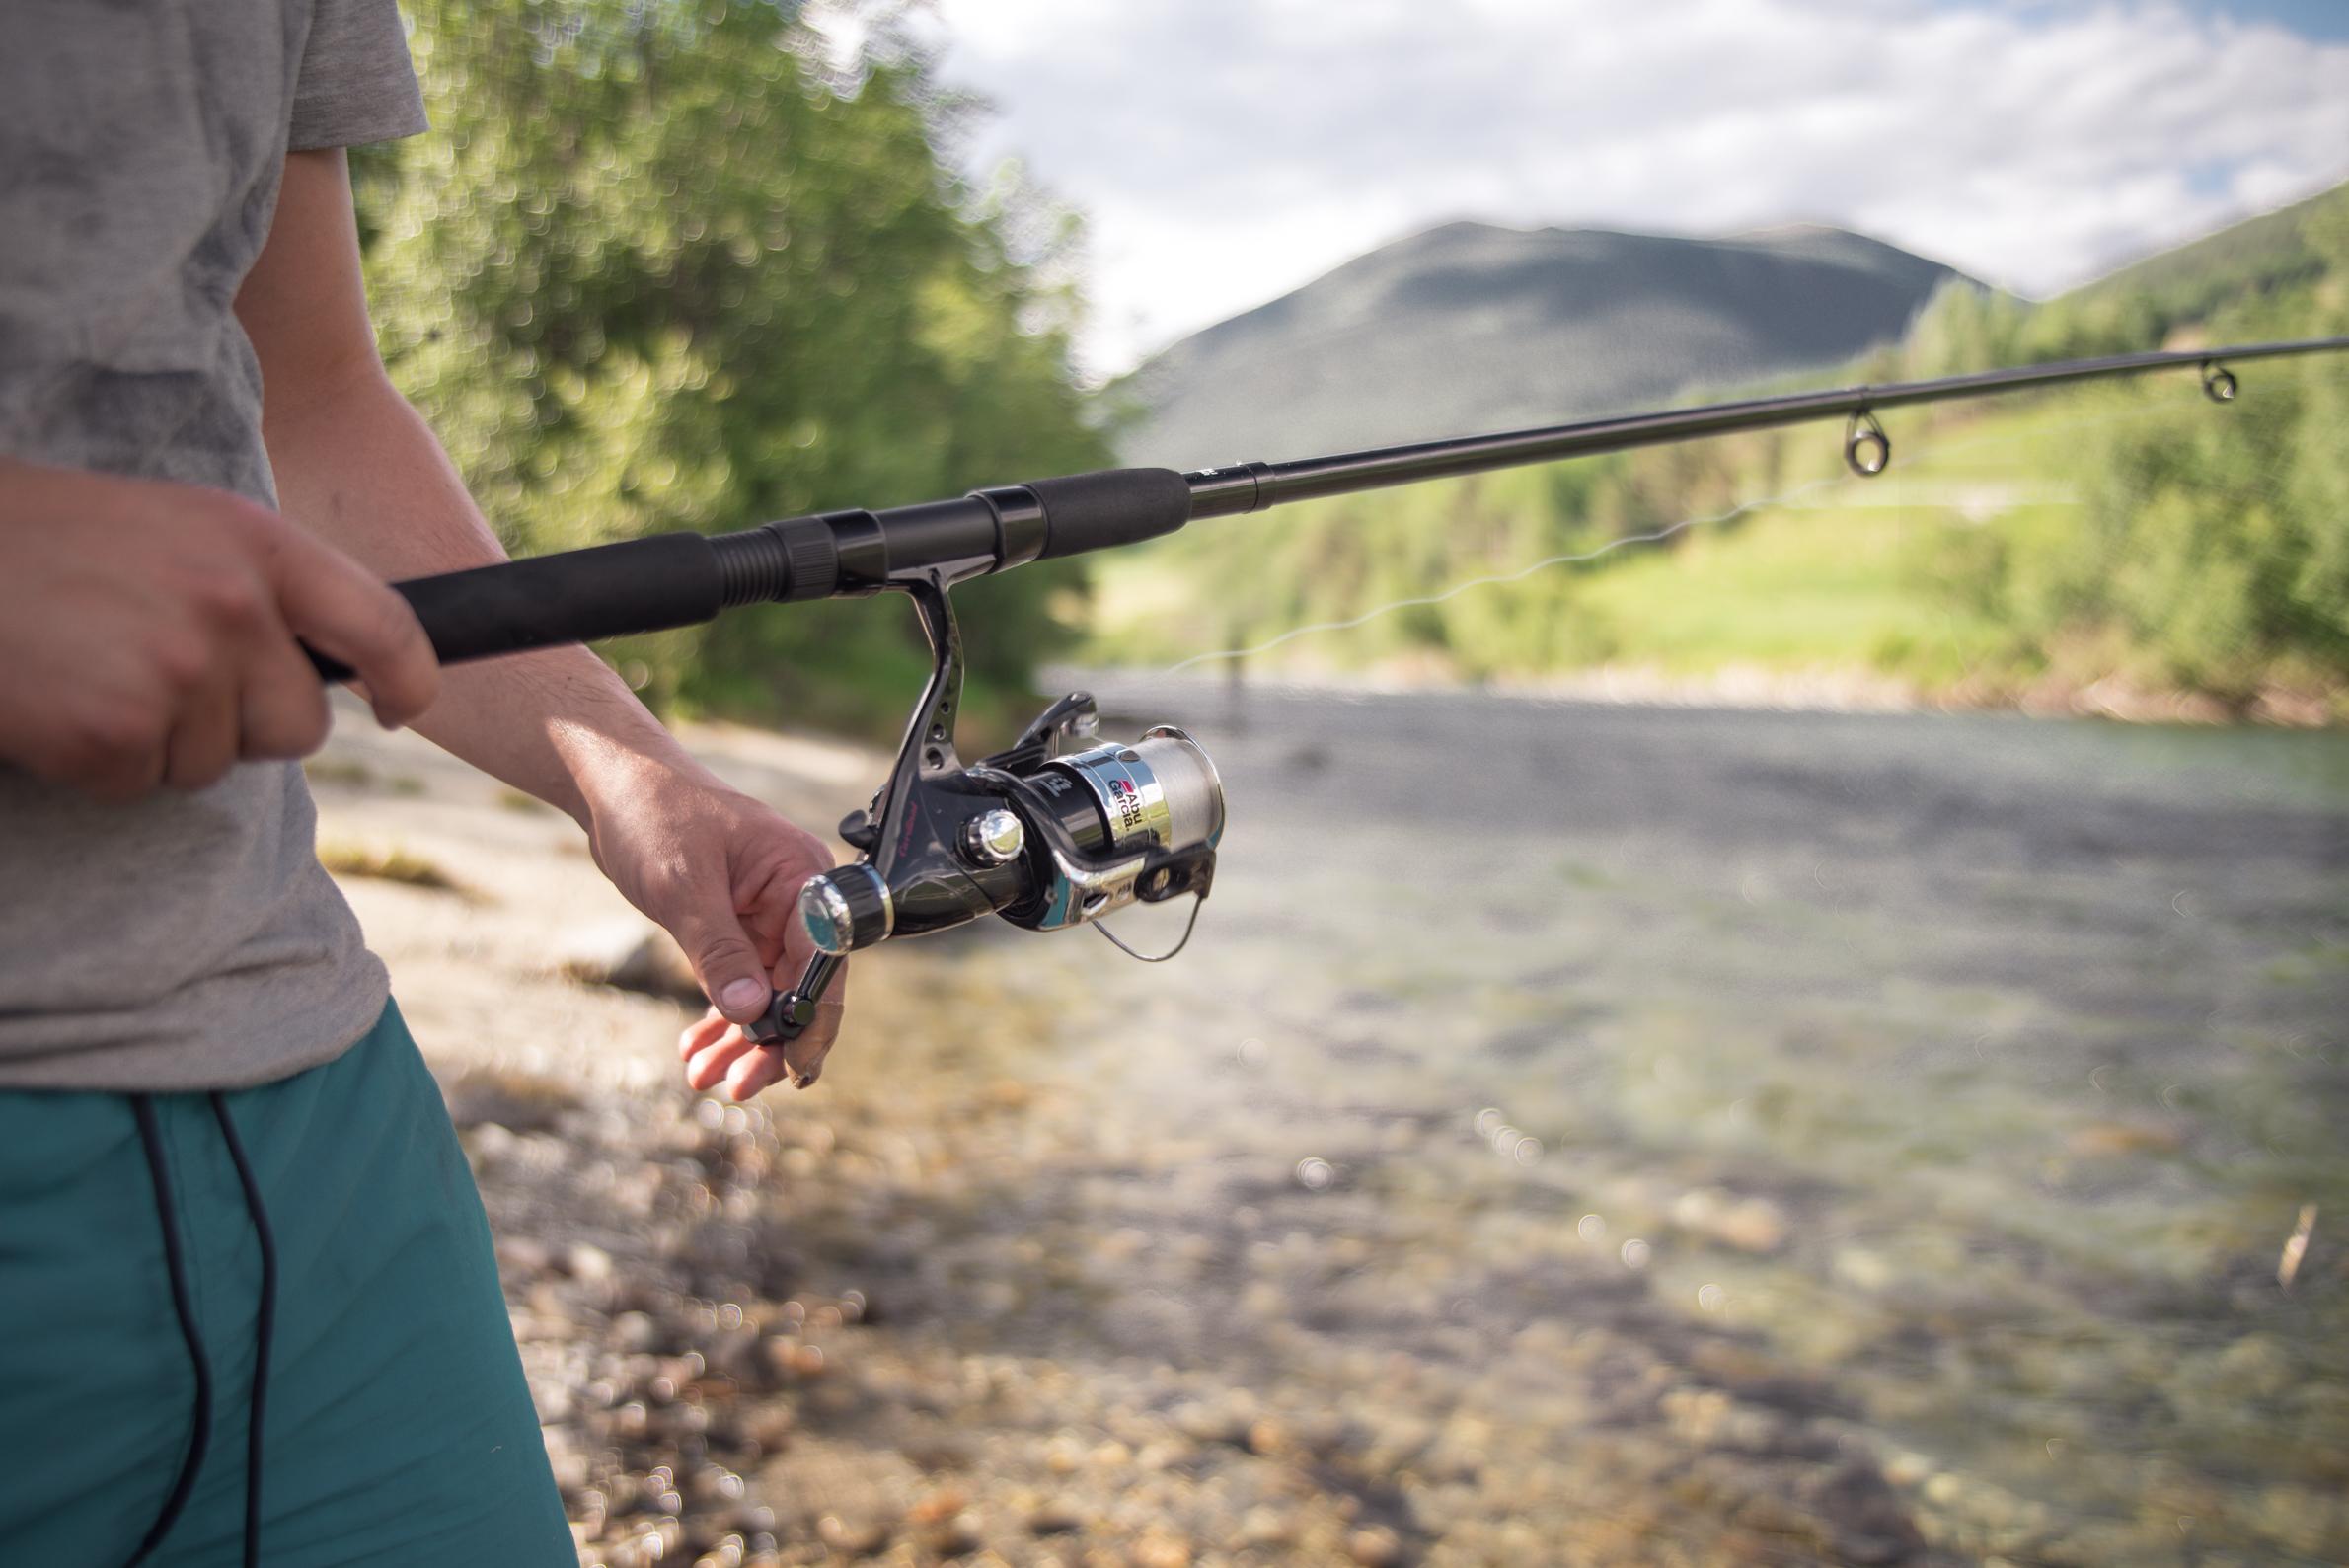 Fiskemuligheter - Fiske i Gudbrandsdalslågen eller fjellvann